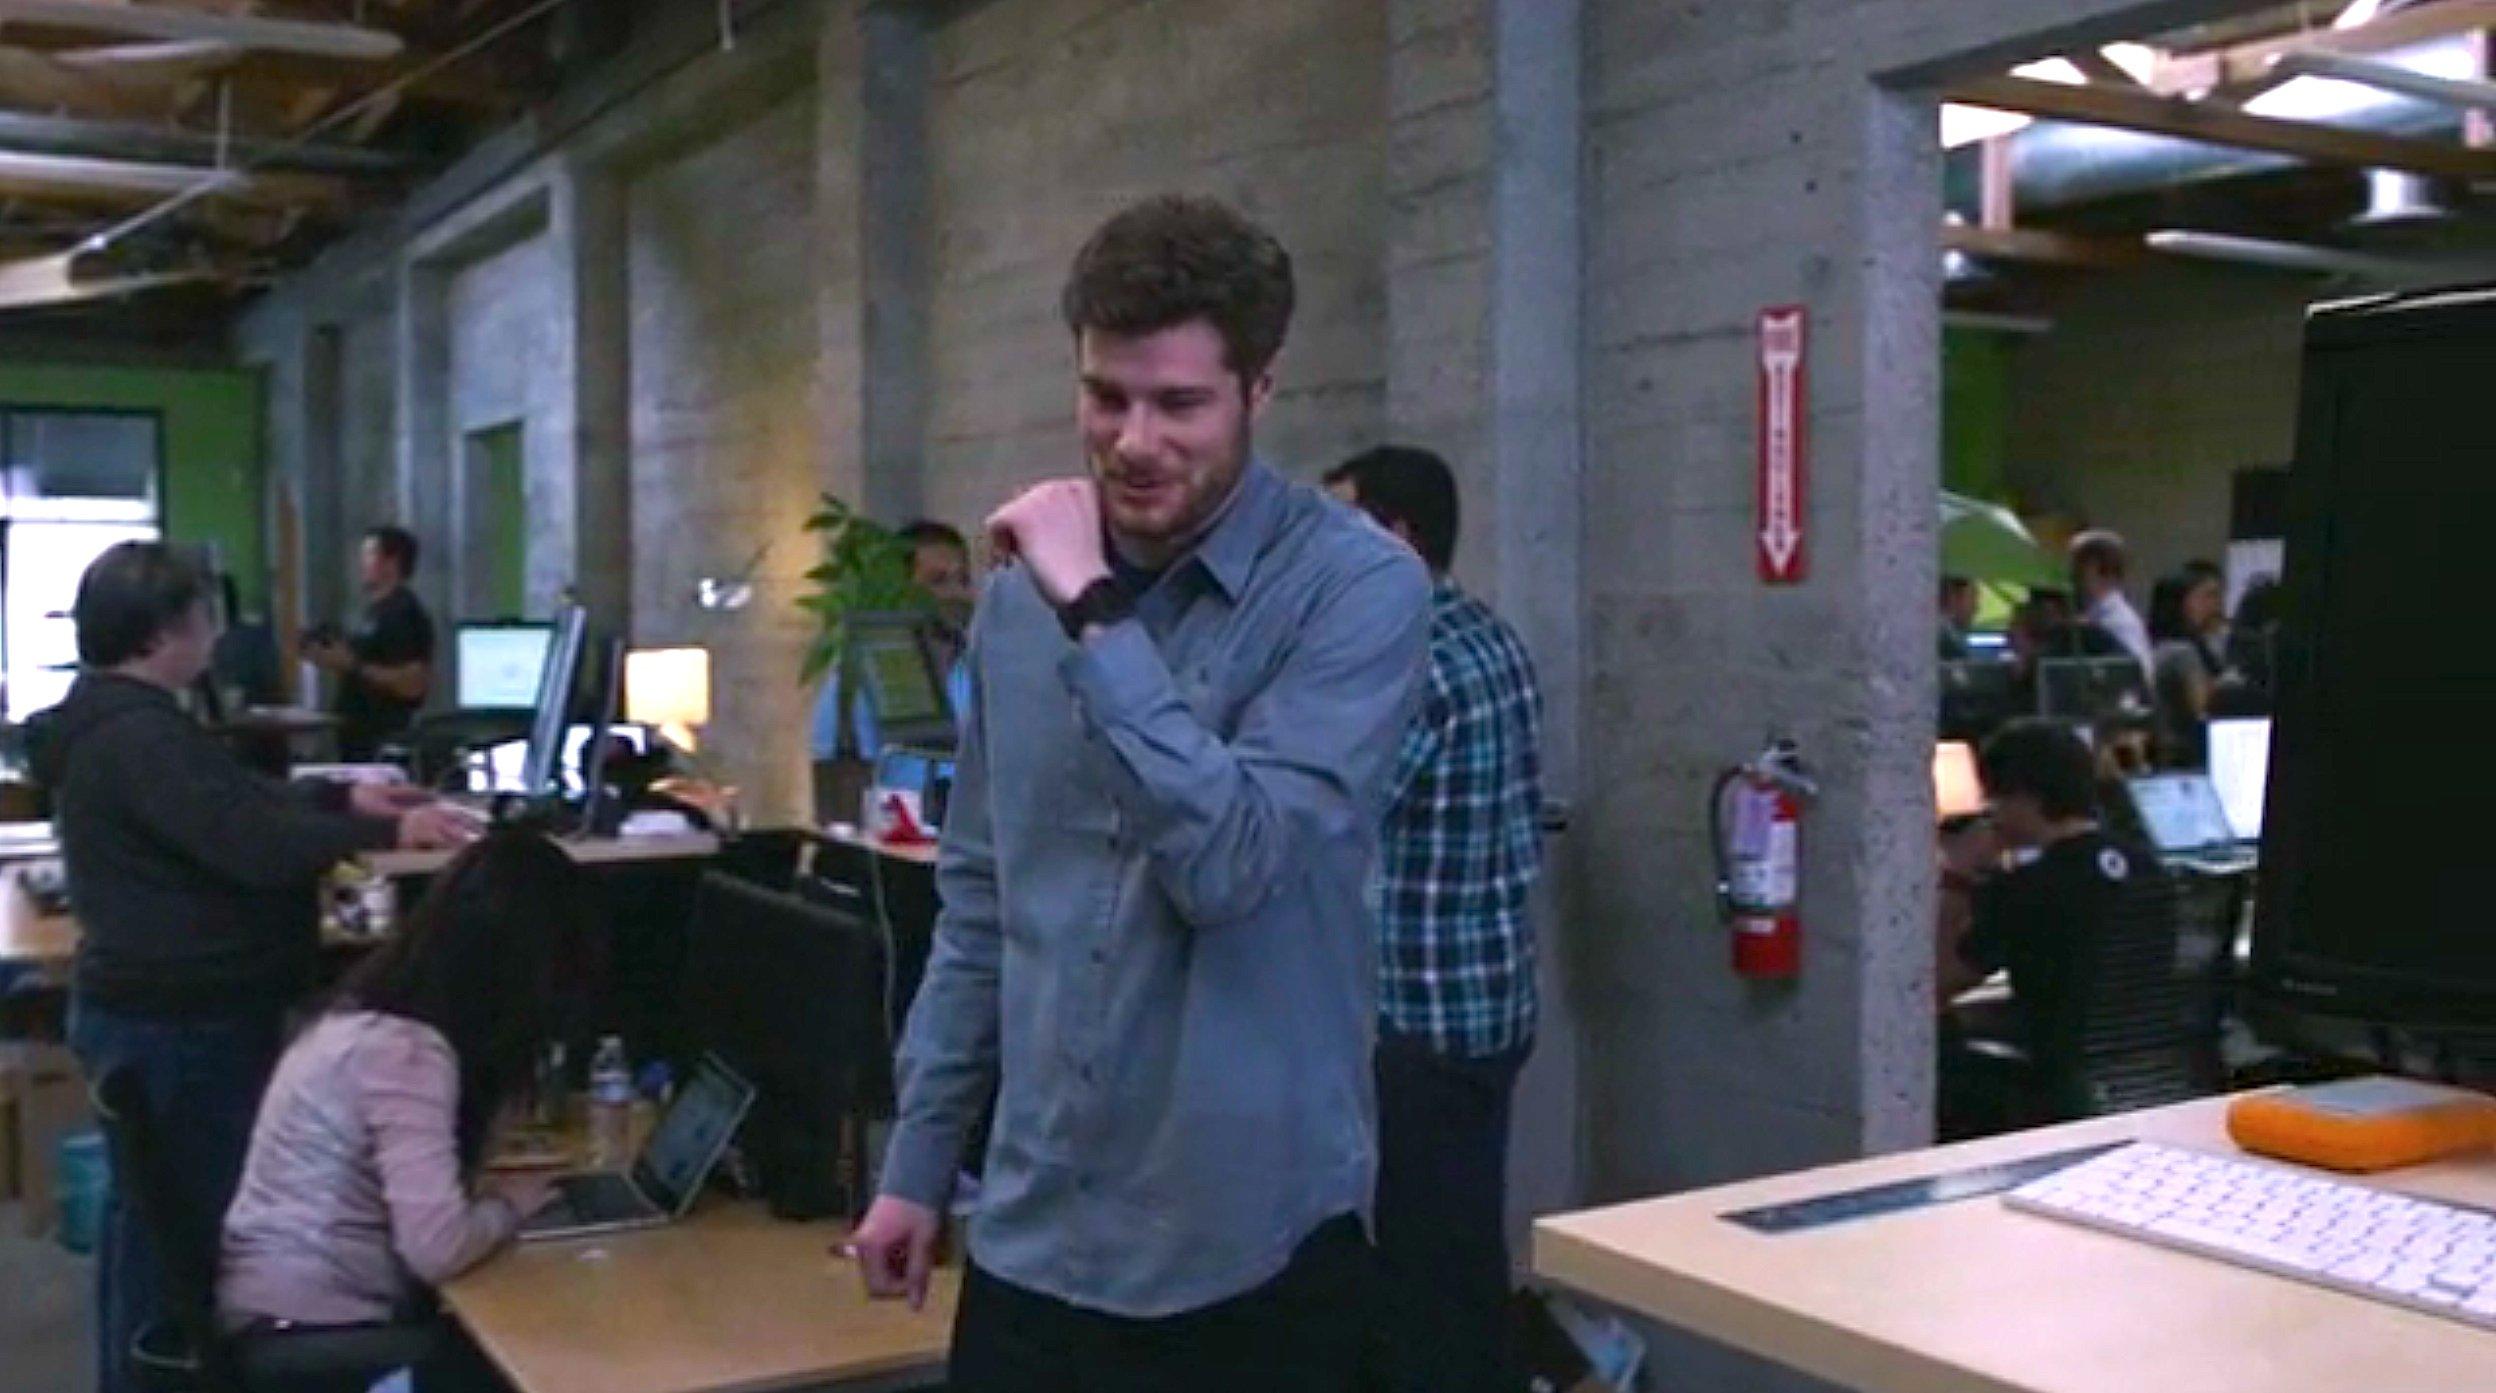 Sieht ein bisschen komisch aus: Zum Telefonieren per Smartwatch muss man das Handgelenk an den Mund halten.